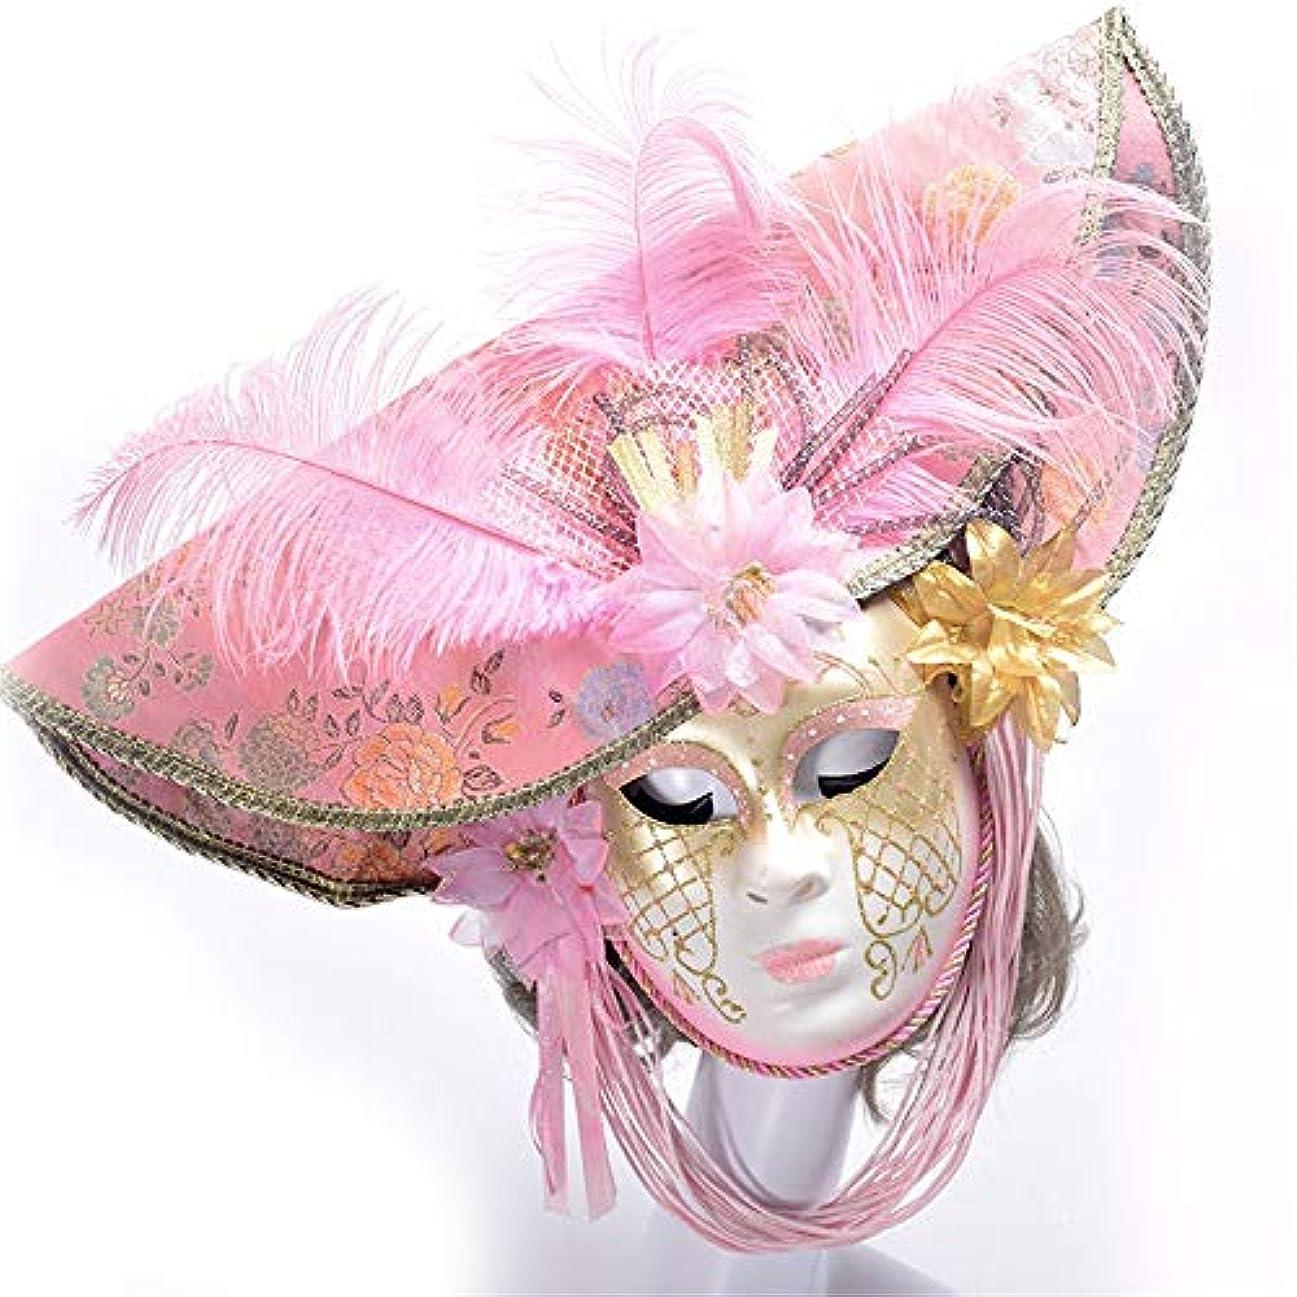 寄り添うナチュラ病気のダンスマスク プレミアムピンクフェザーズアンドフラワーズフェスティバルコスプレナイトクラブパーティーマスクレディースハロウィンハンドメイドペイントマスク ホリデーパーティー用品 (色 : ピンク, サイズ : 55x35cm)